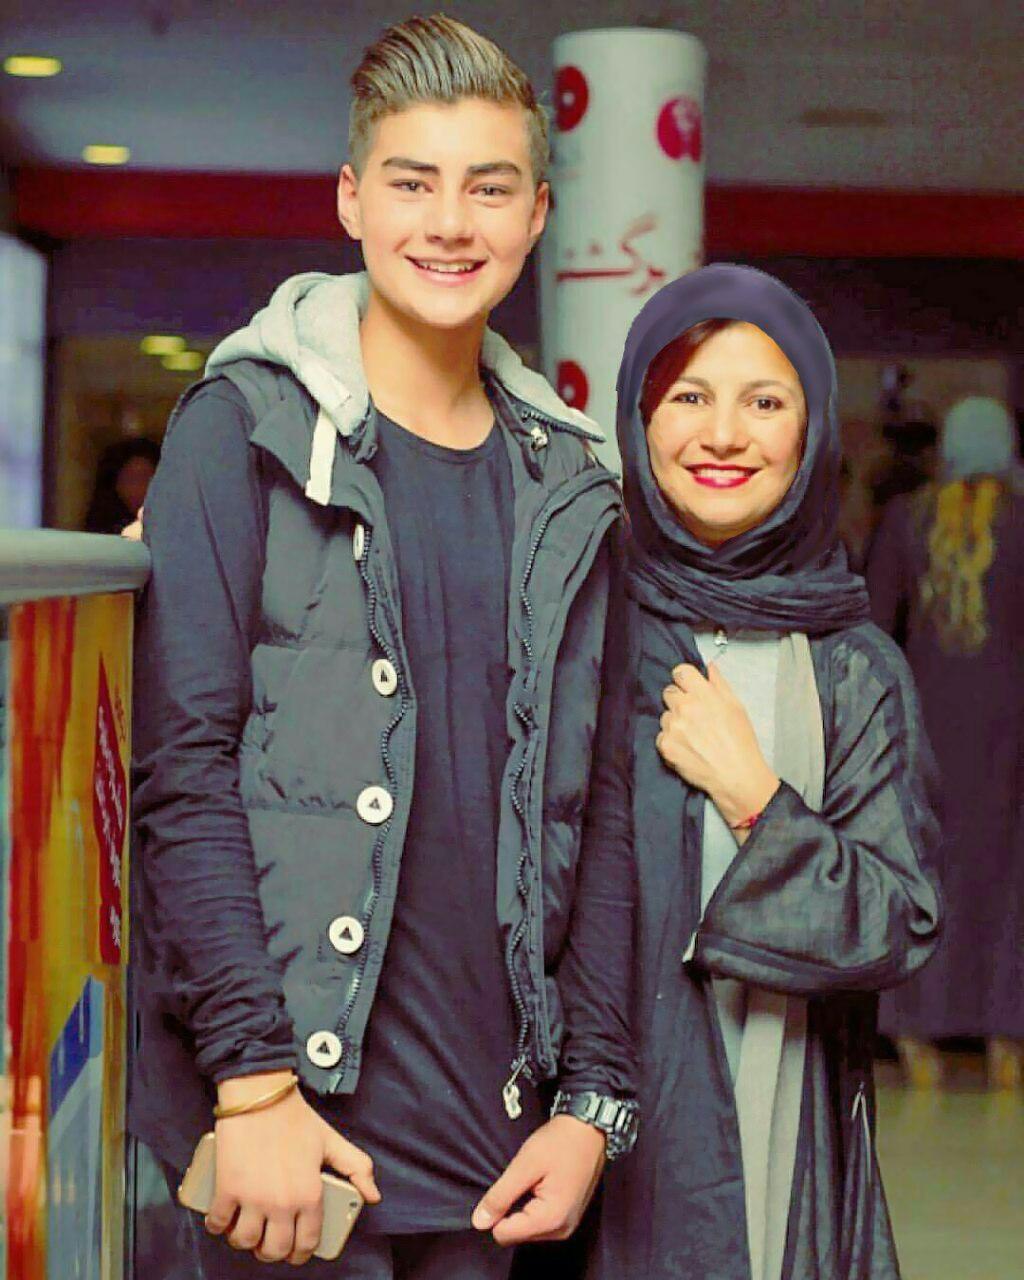 لیلی رشیدی در کنار پسرش در جشنواره امسال +عکس